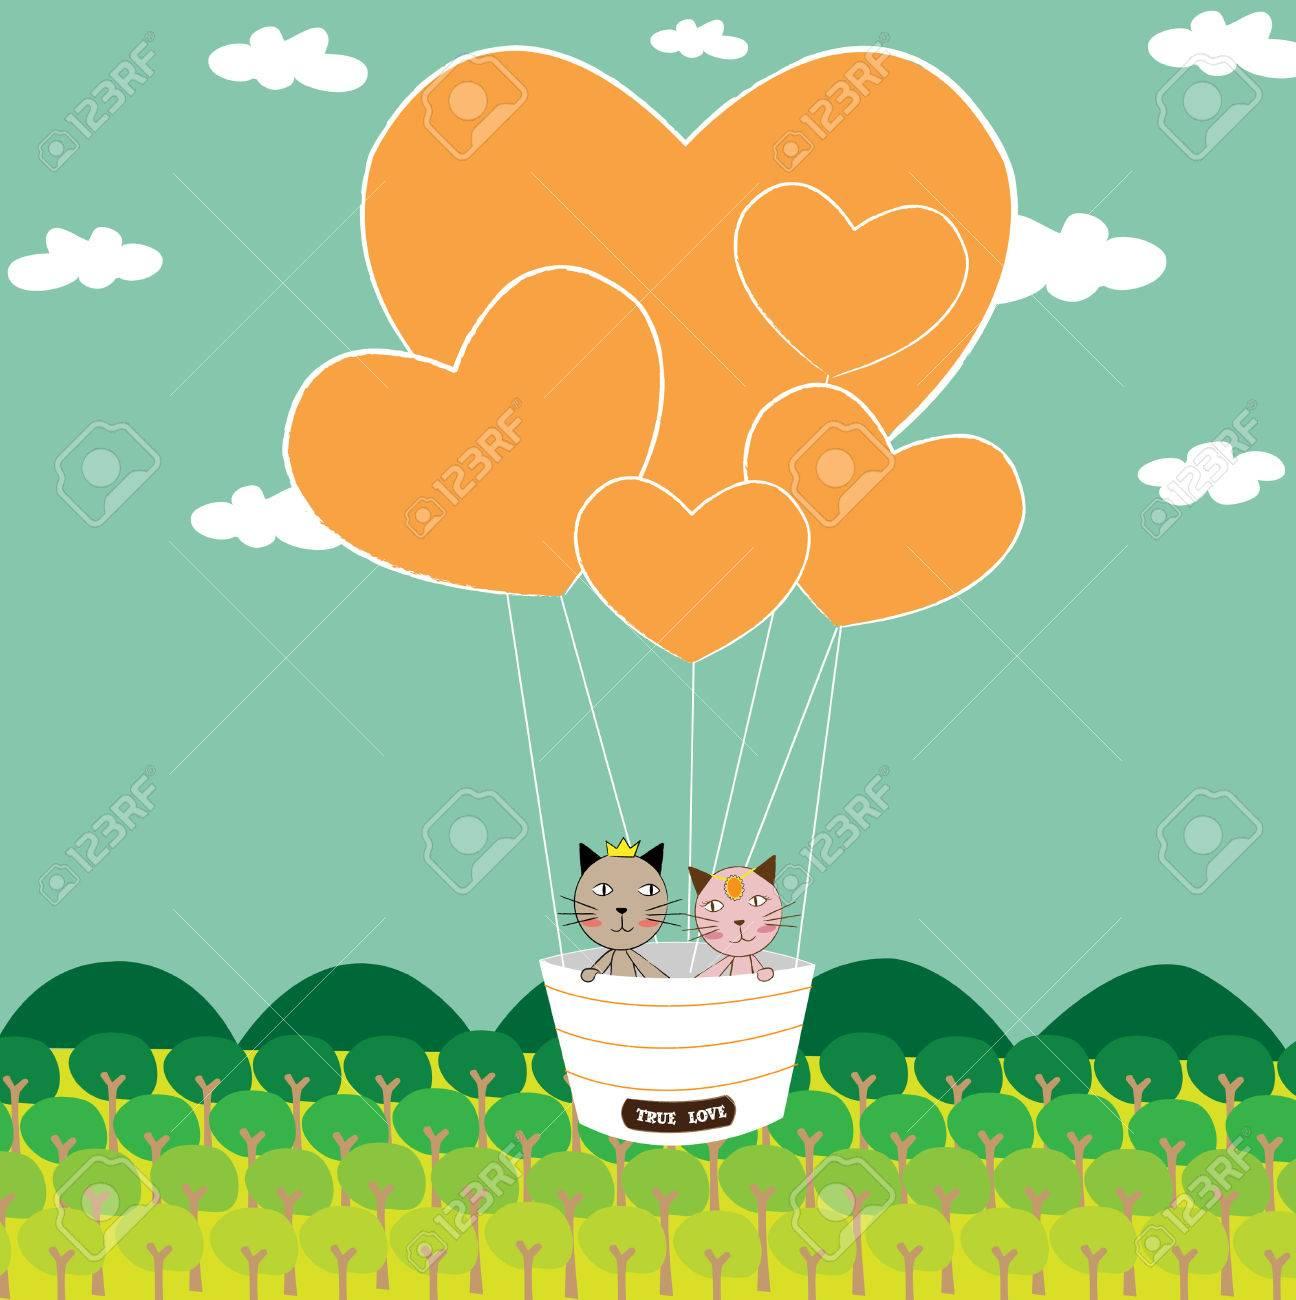 甘い猫のイラスト。心と空猫のカップルの形のバルーン。 ロイヤリティ